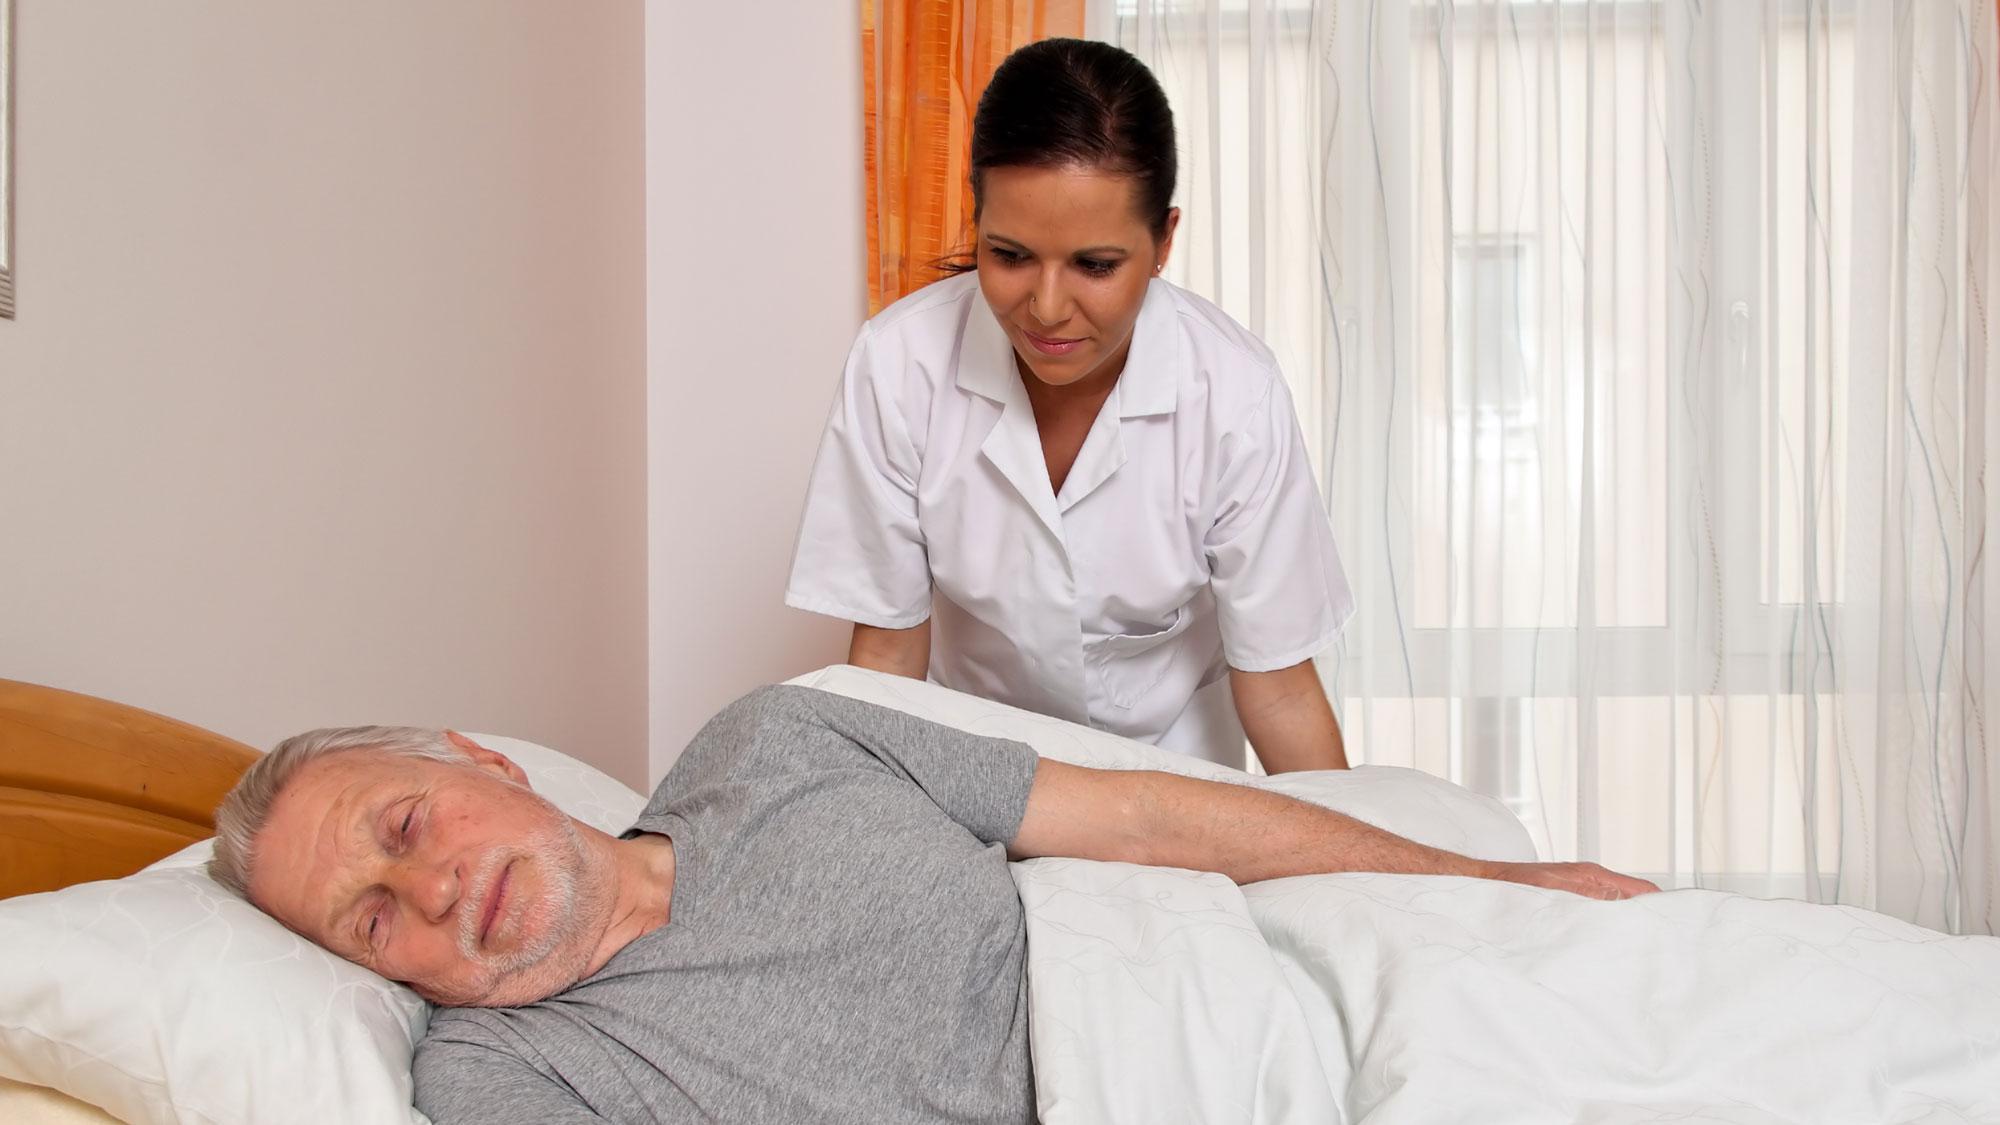 Запор у лежачего больного старческого возраста – что делать